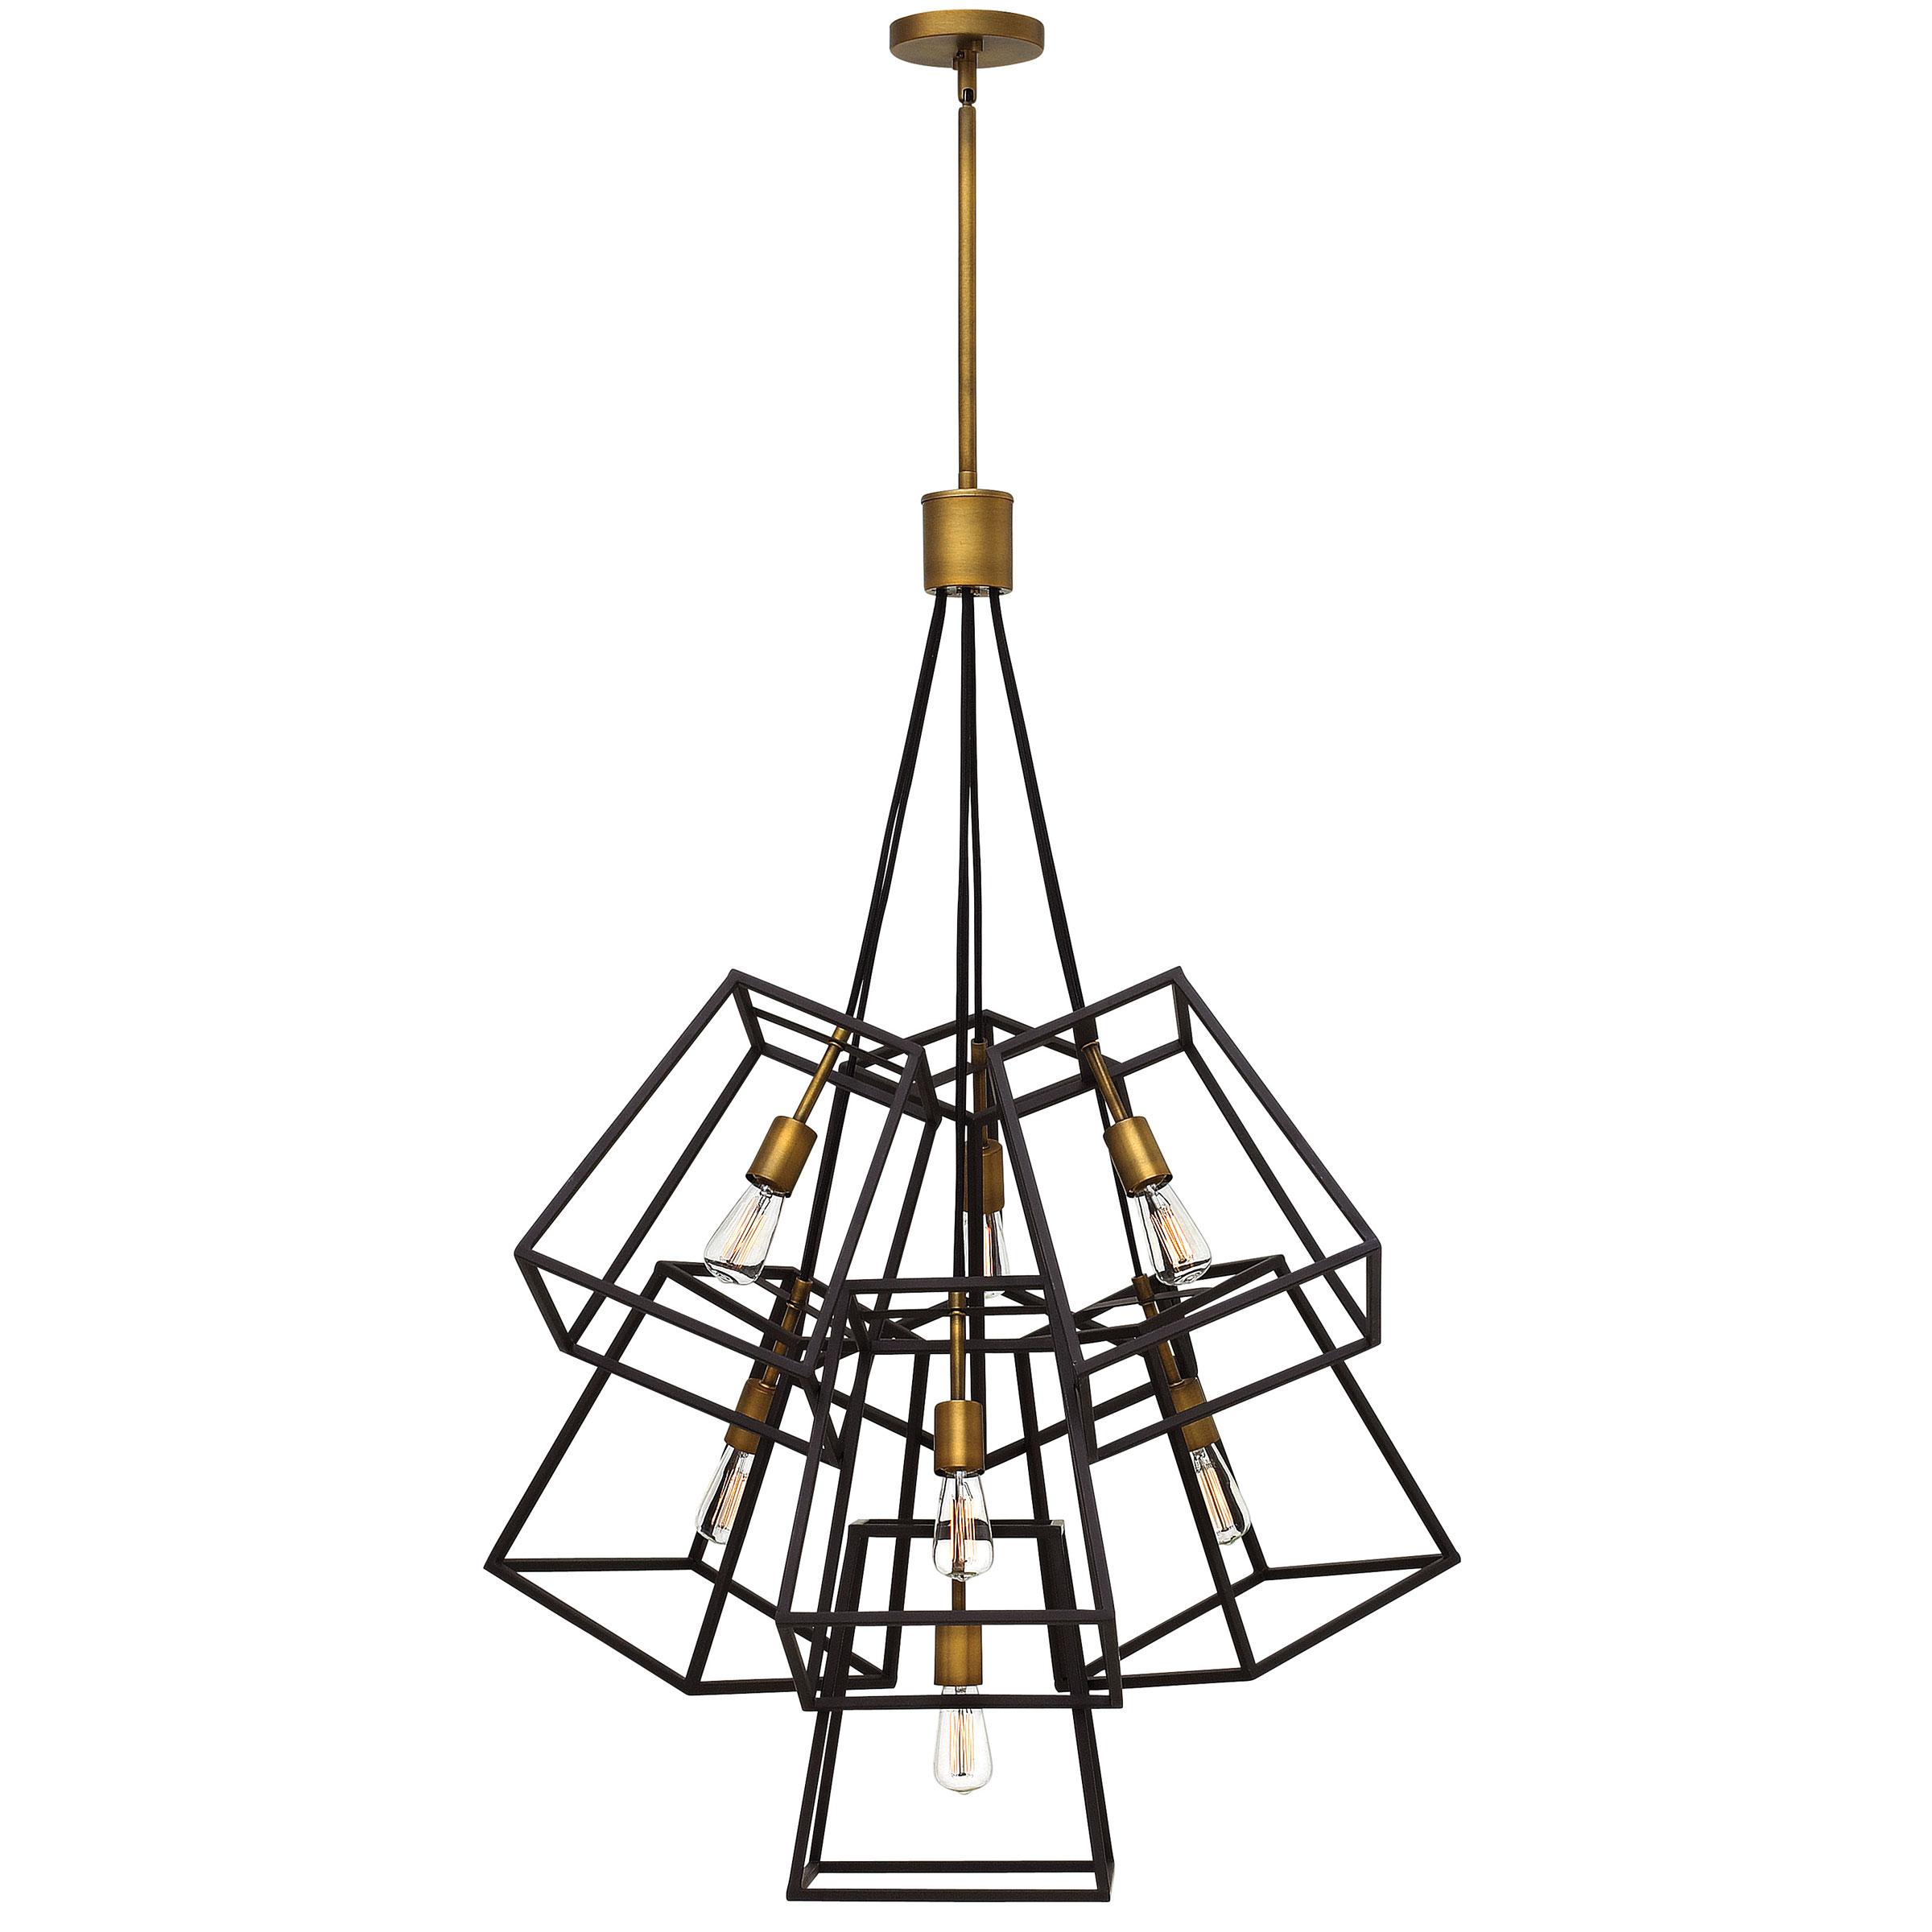 Superb Fulton Multi Light Pendant By Hinkley Lighting | 3357BZ